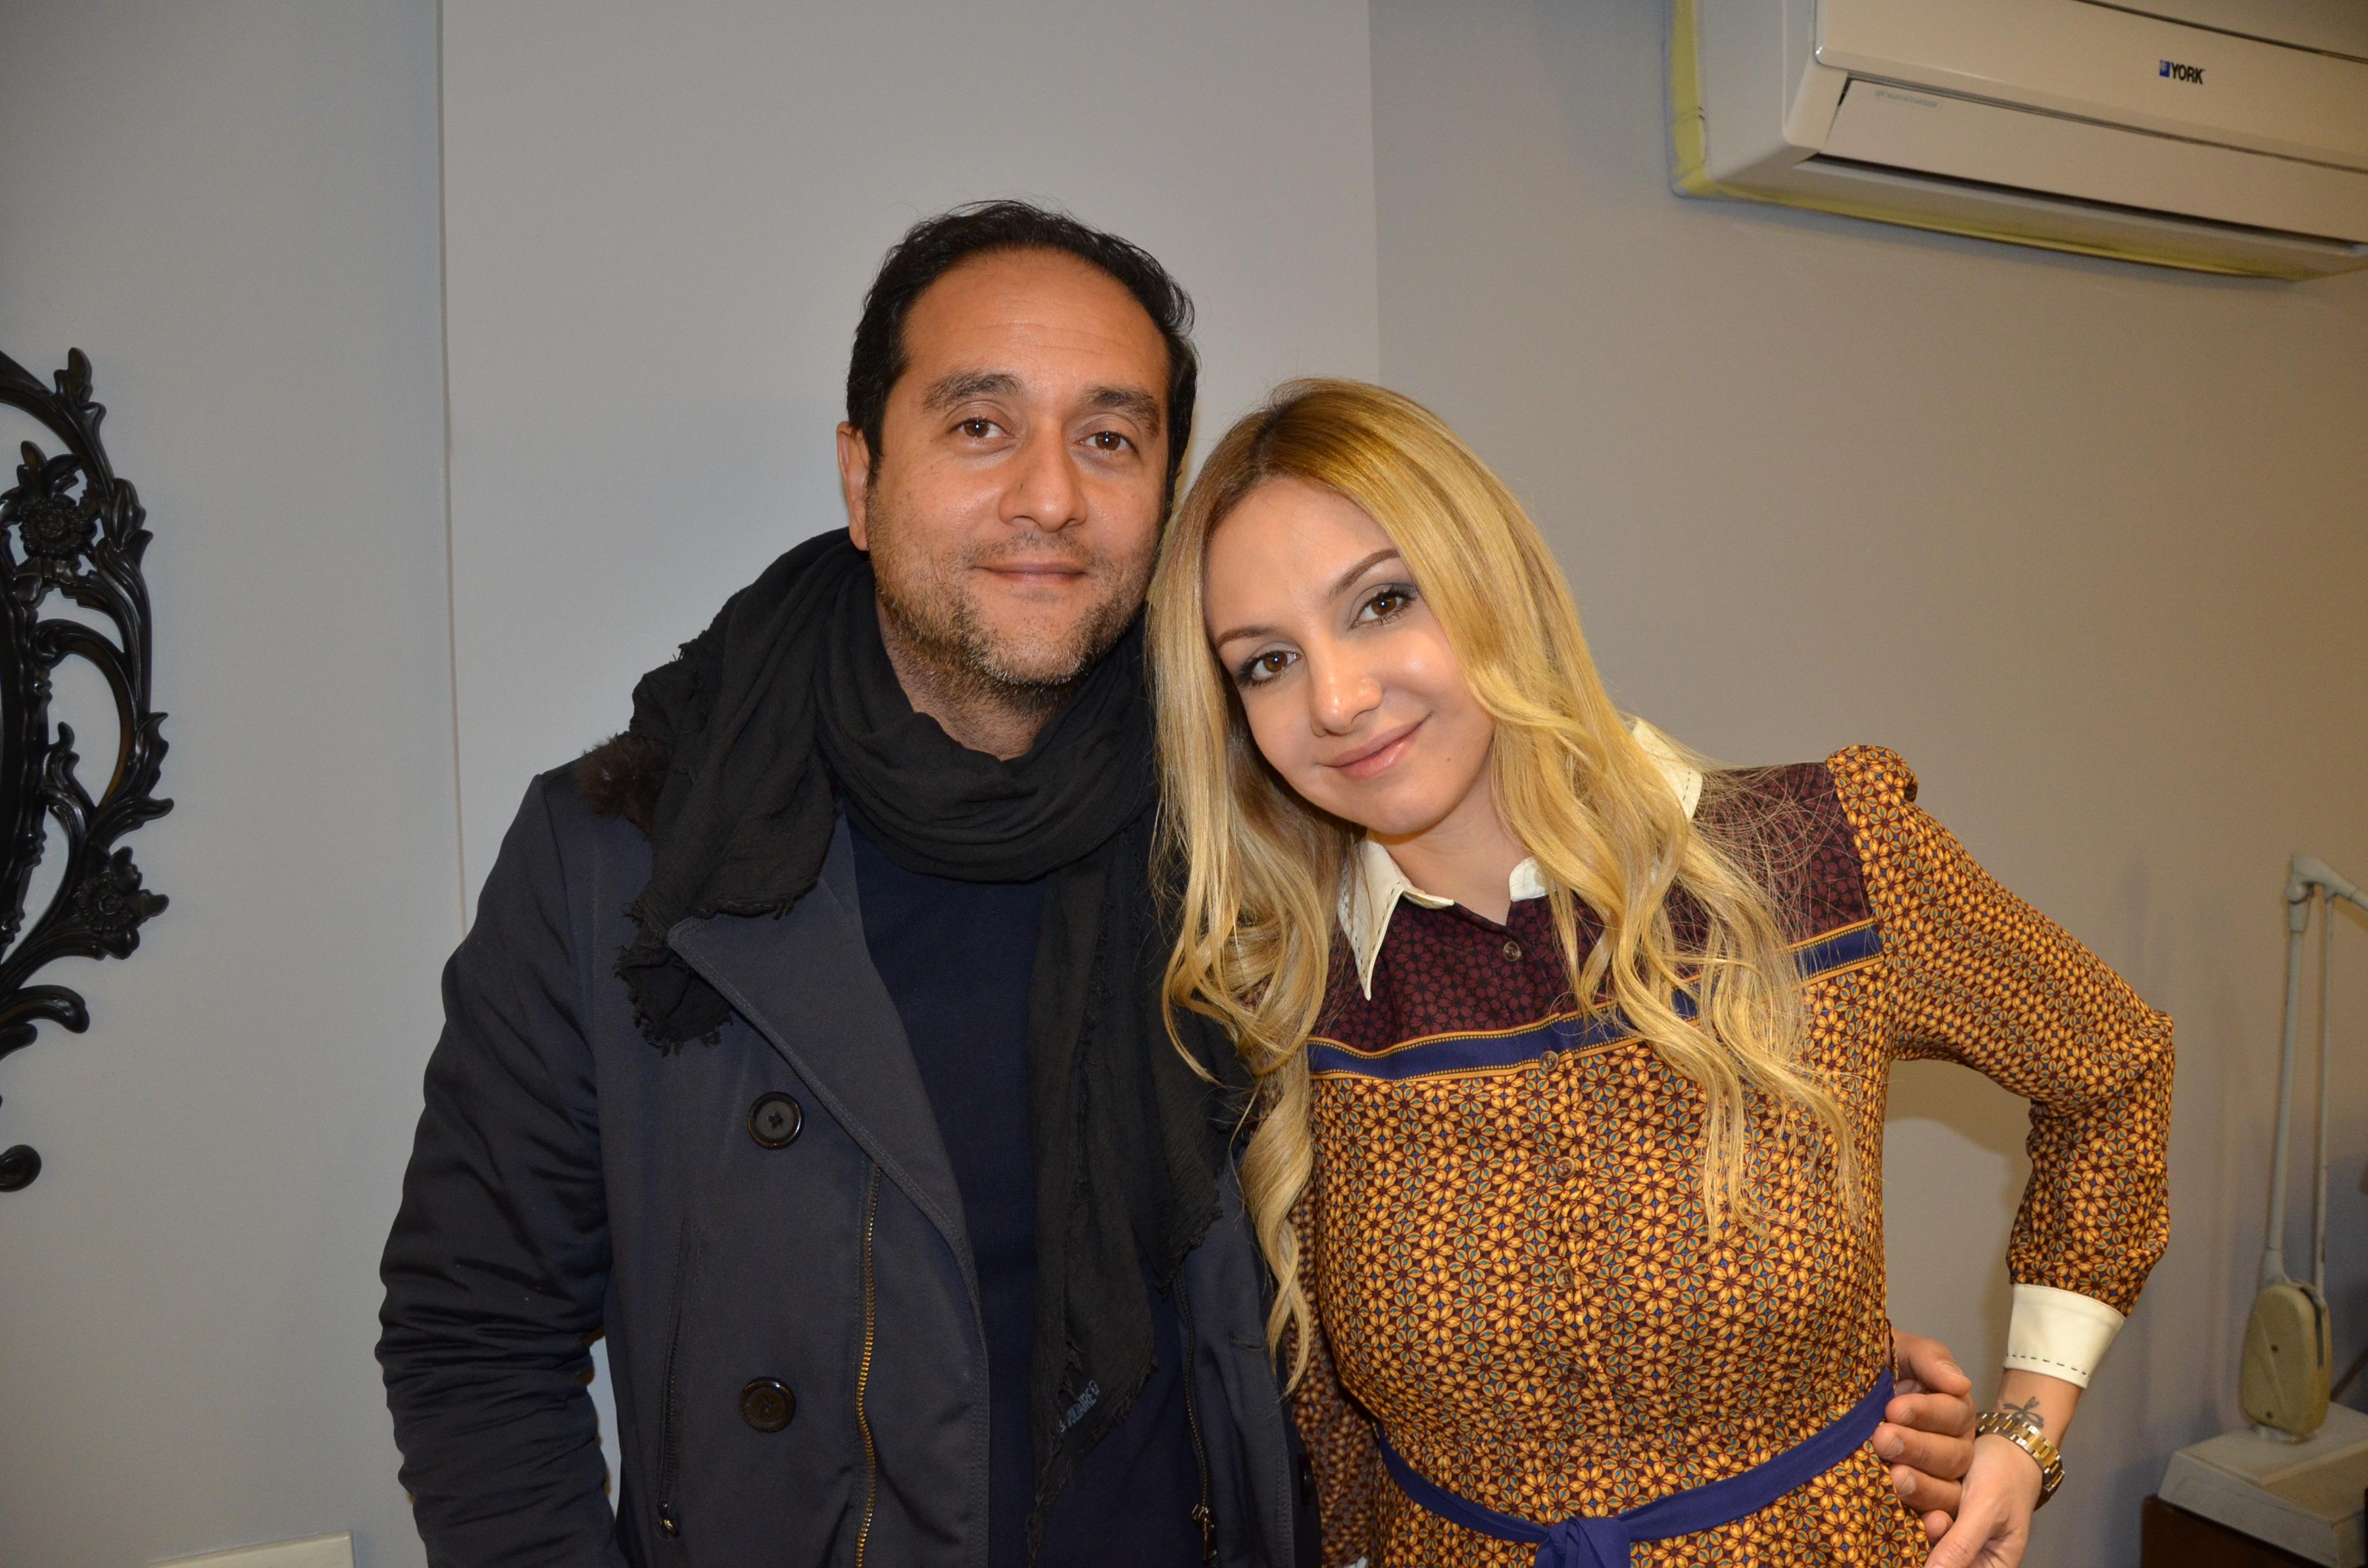 Mr. Yehia Ismail & Ms. Nour Aboulela